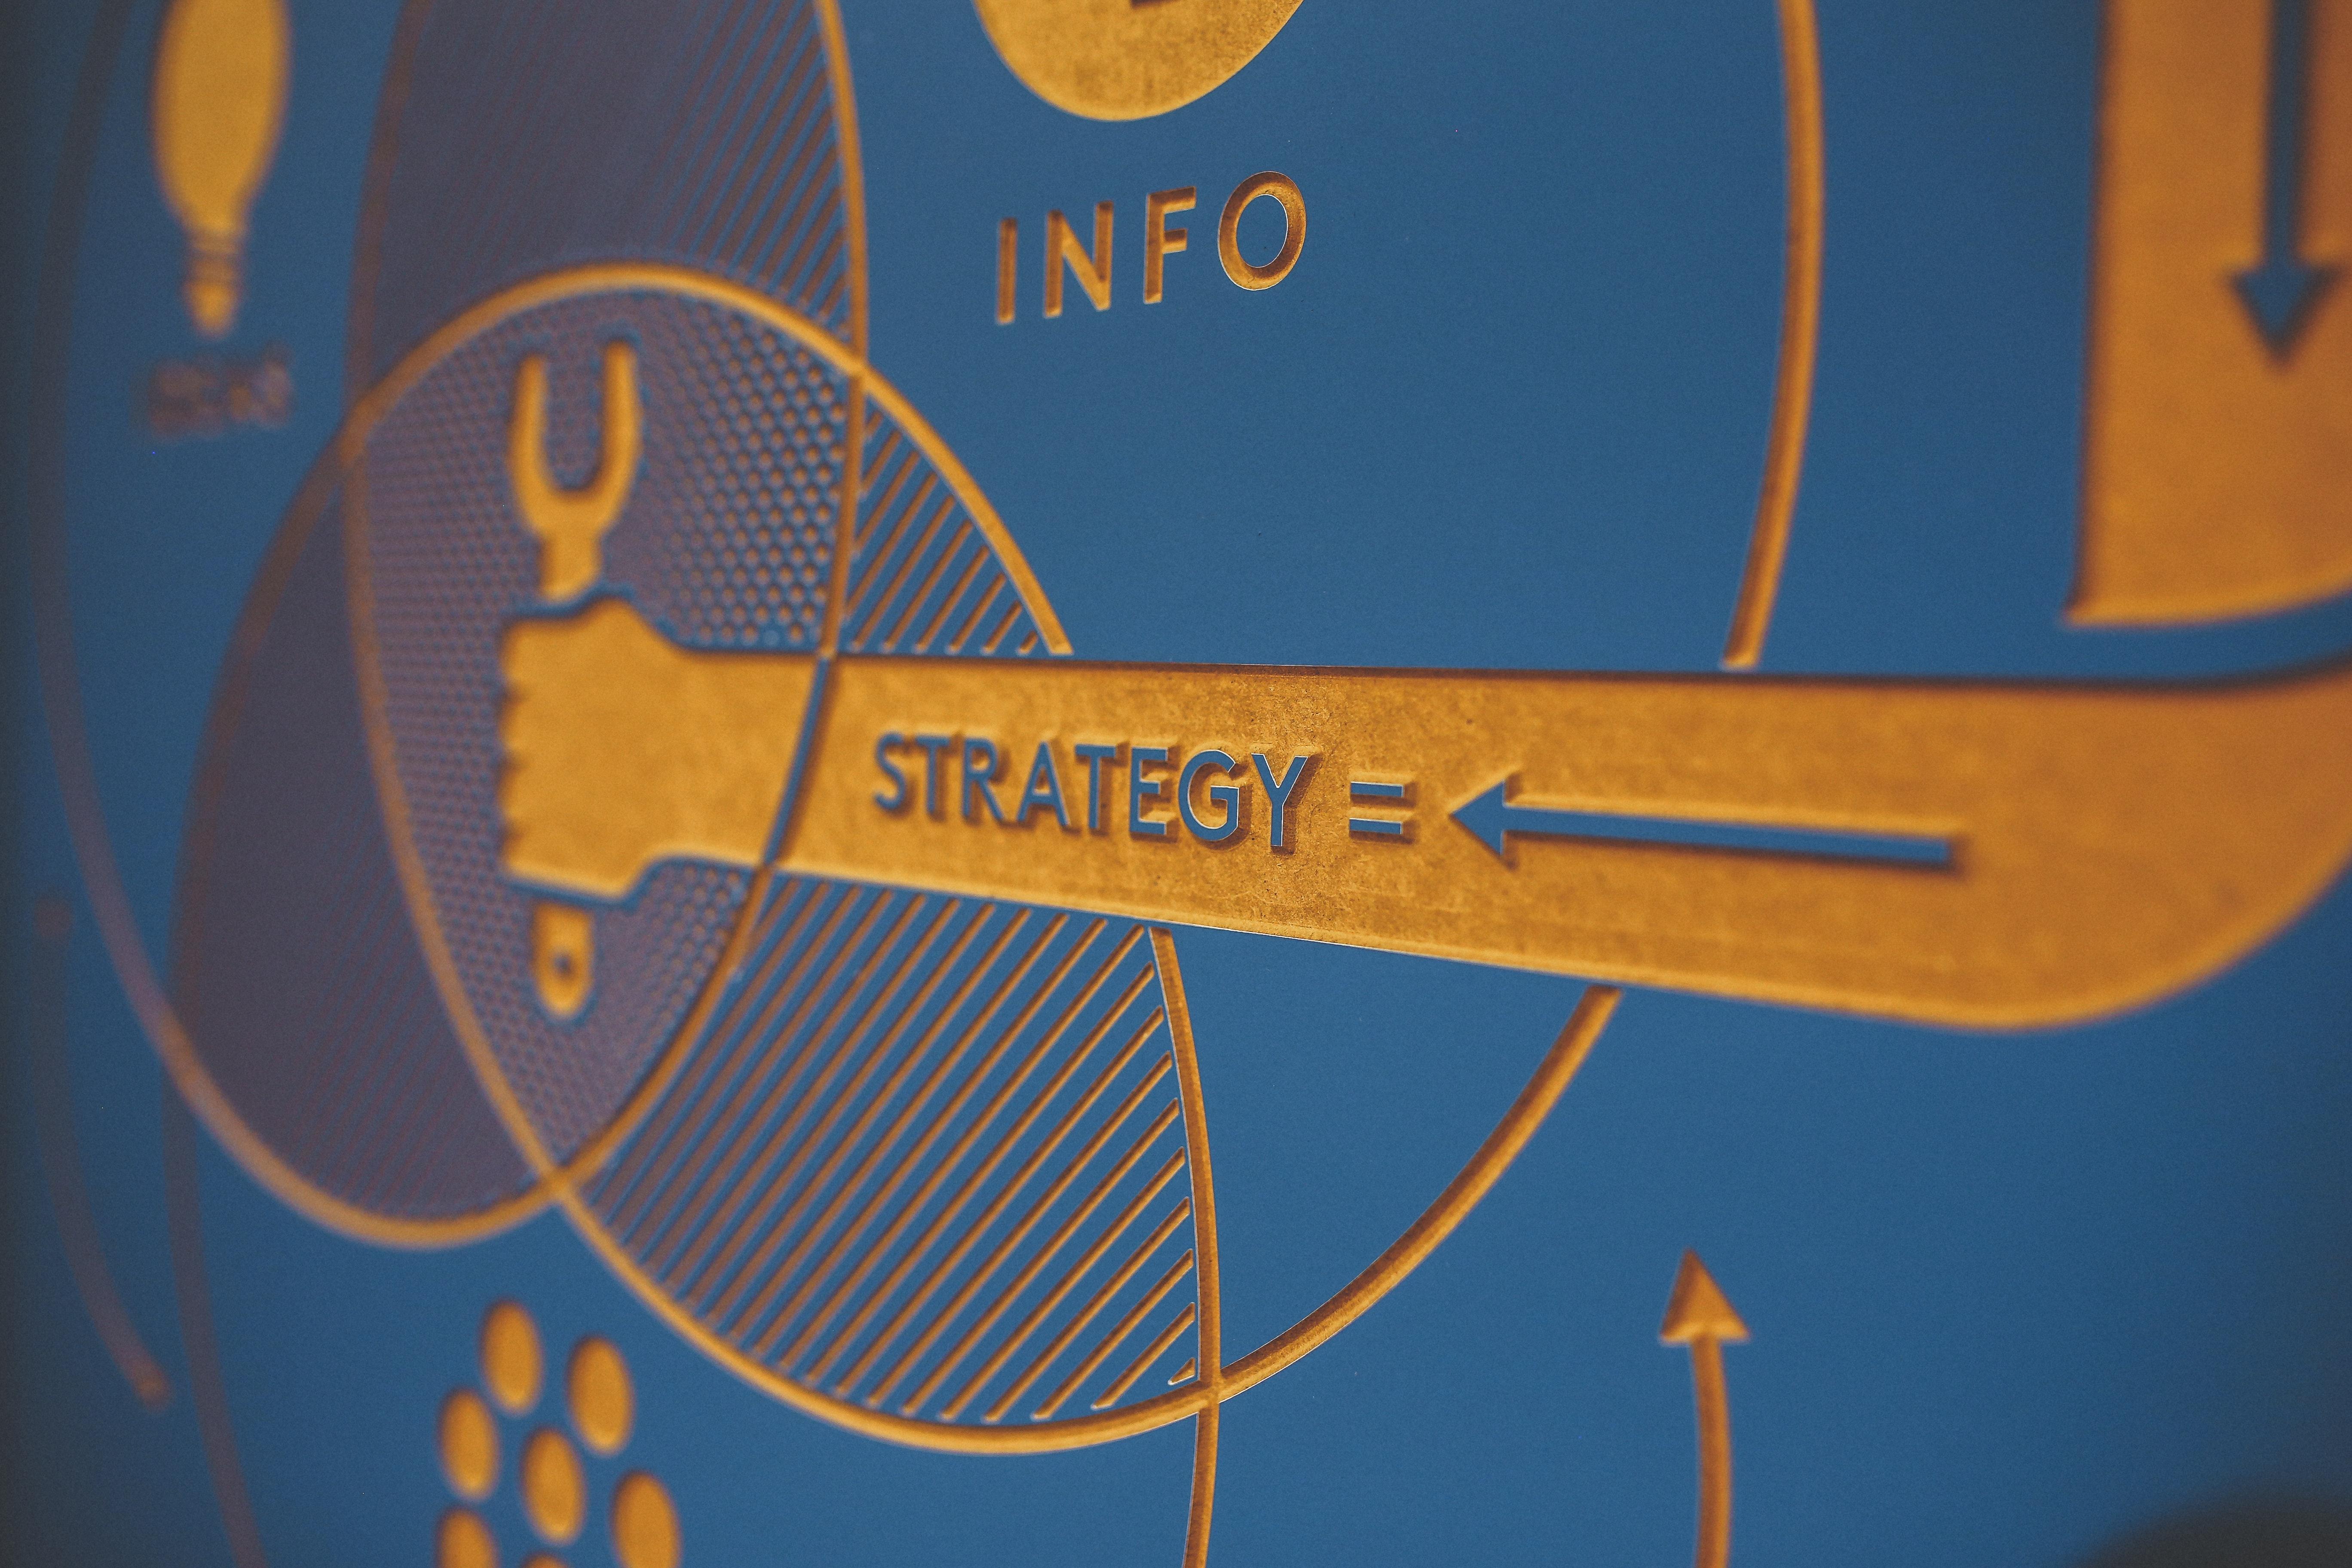 Ezek a kkv-k kedvenc marketing eszközei